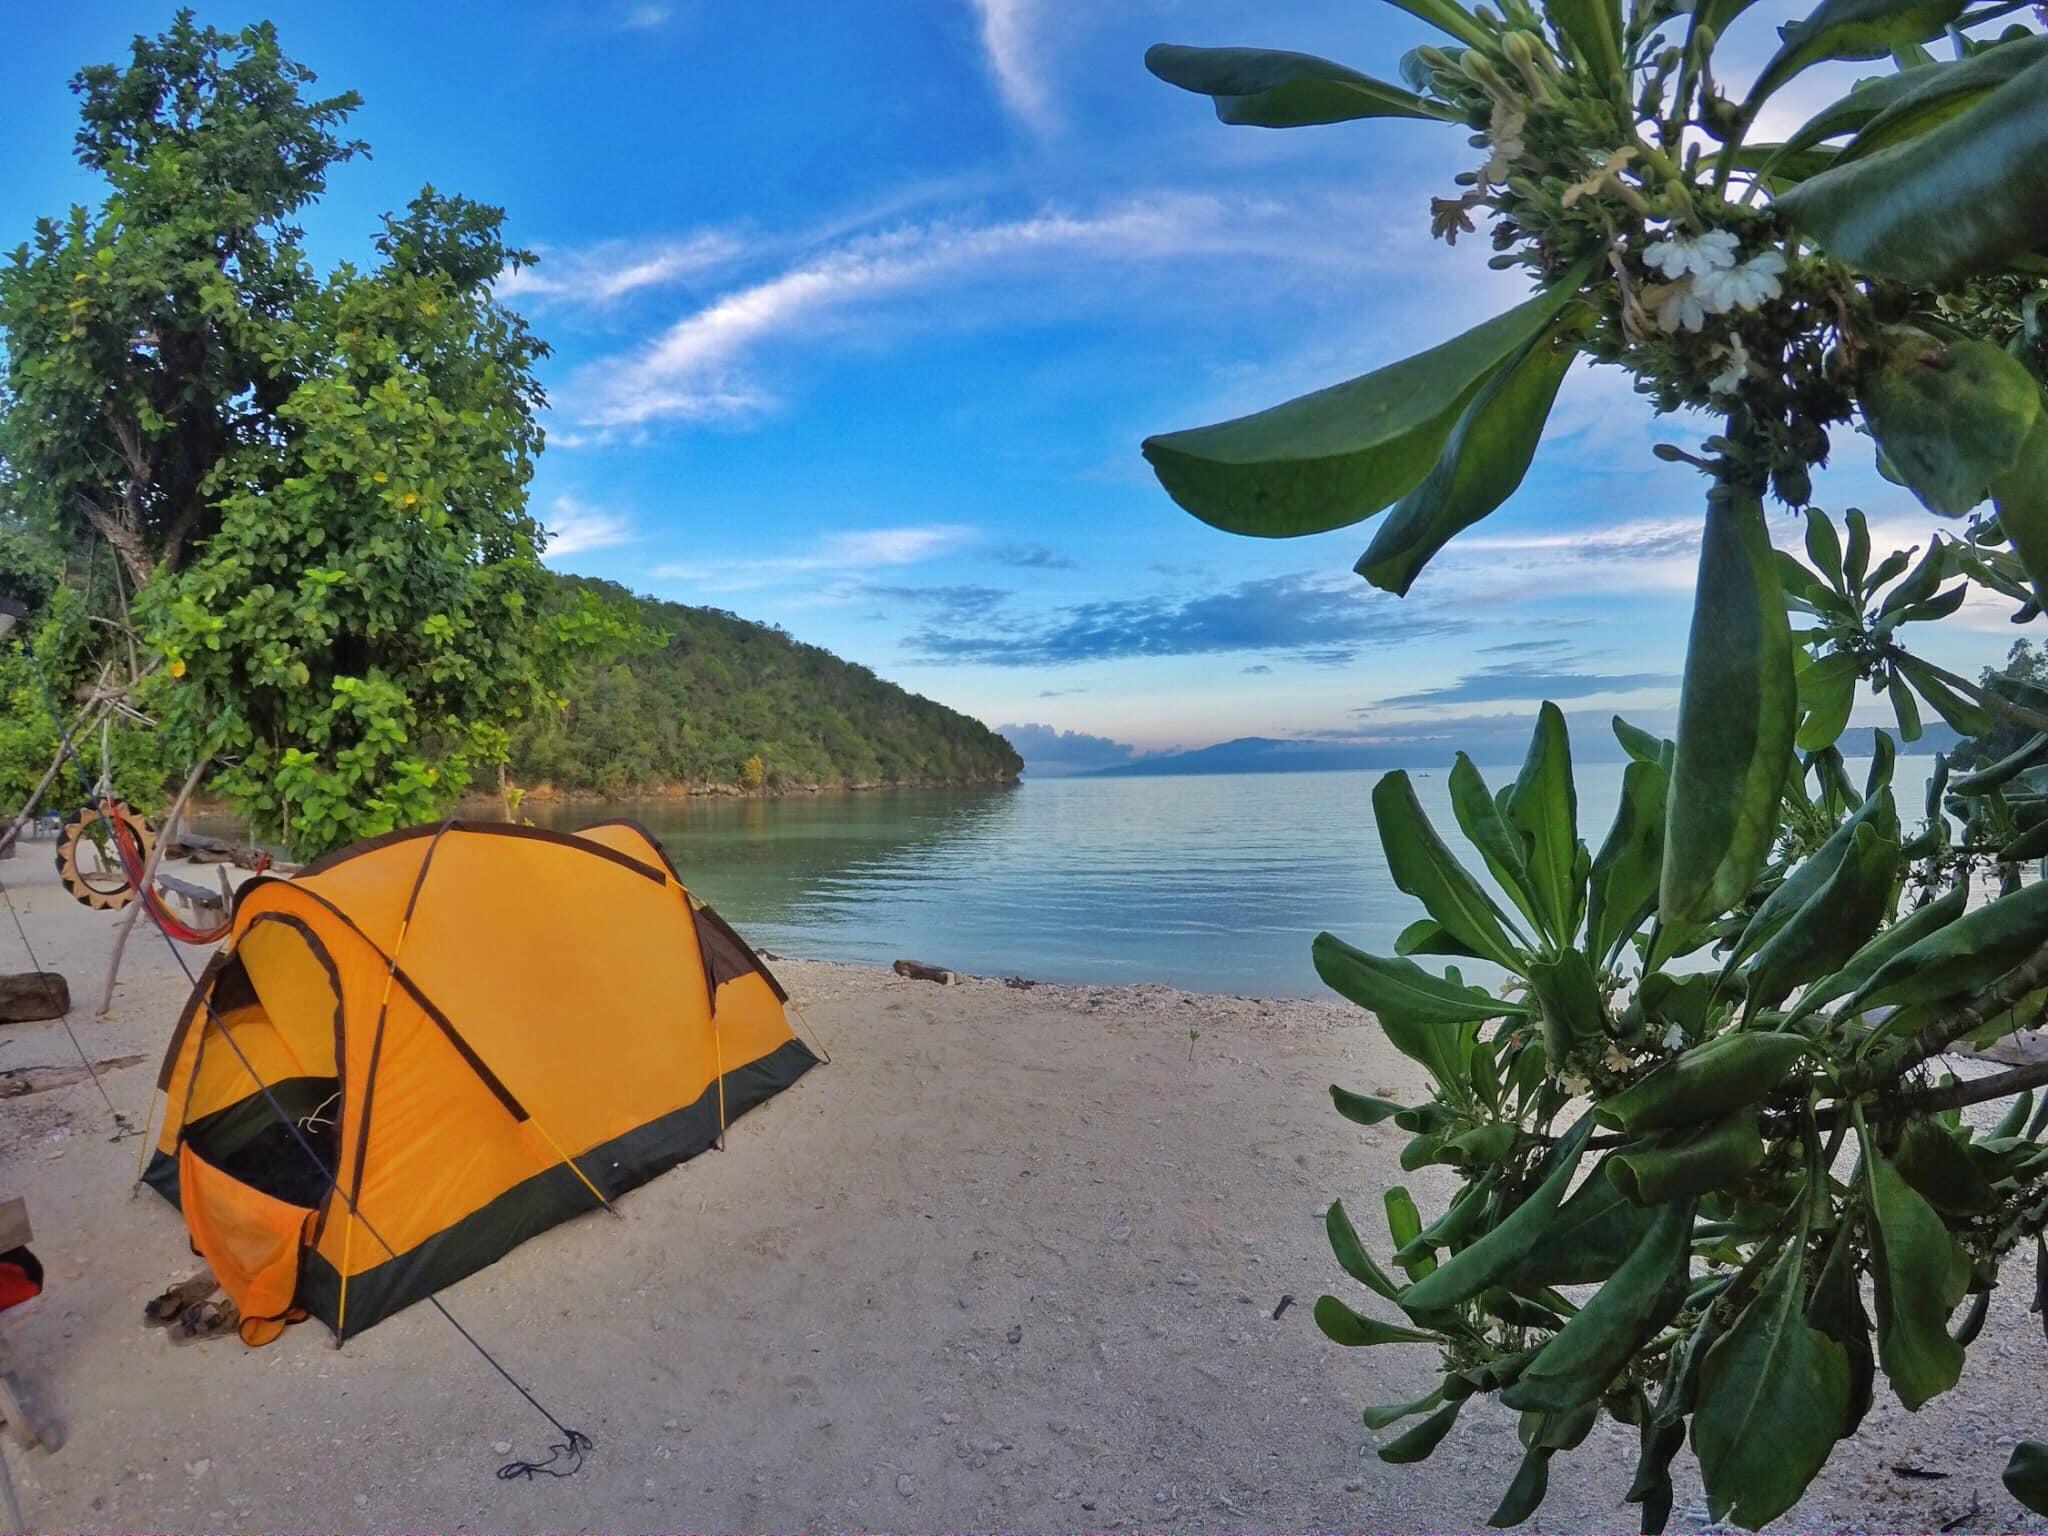 tent camping in a beach - Morales Beach Resort, Gumasa, Glan, Sarangani.